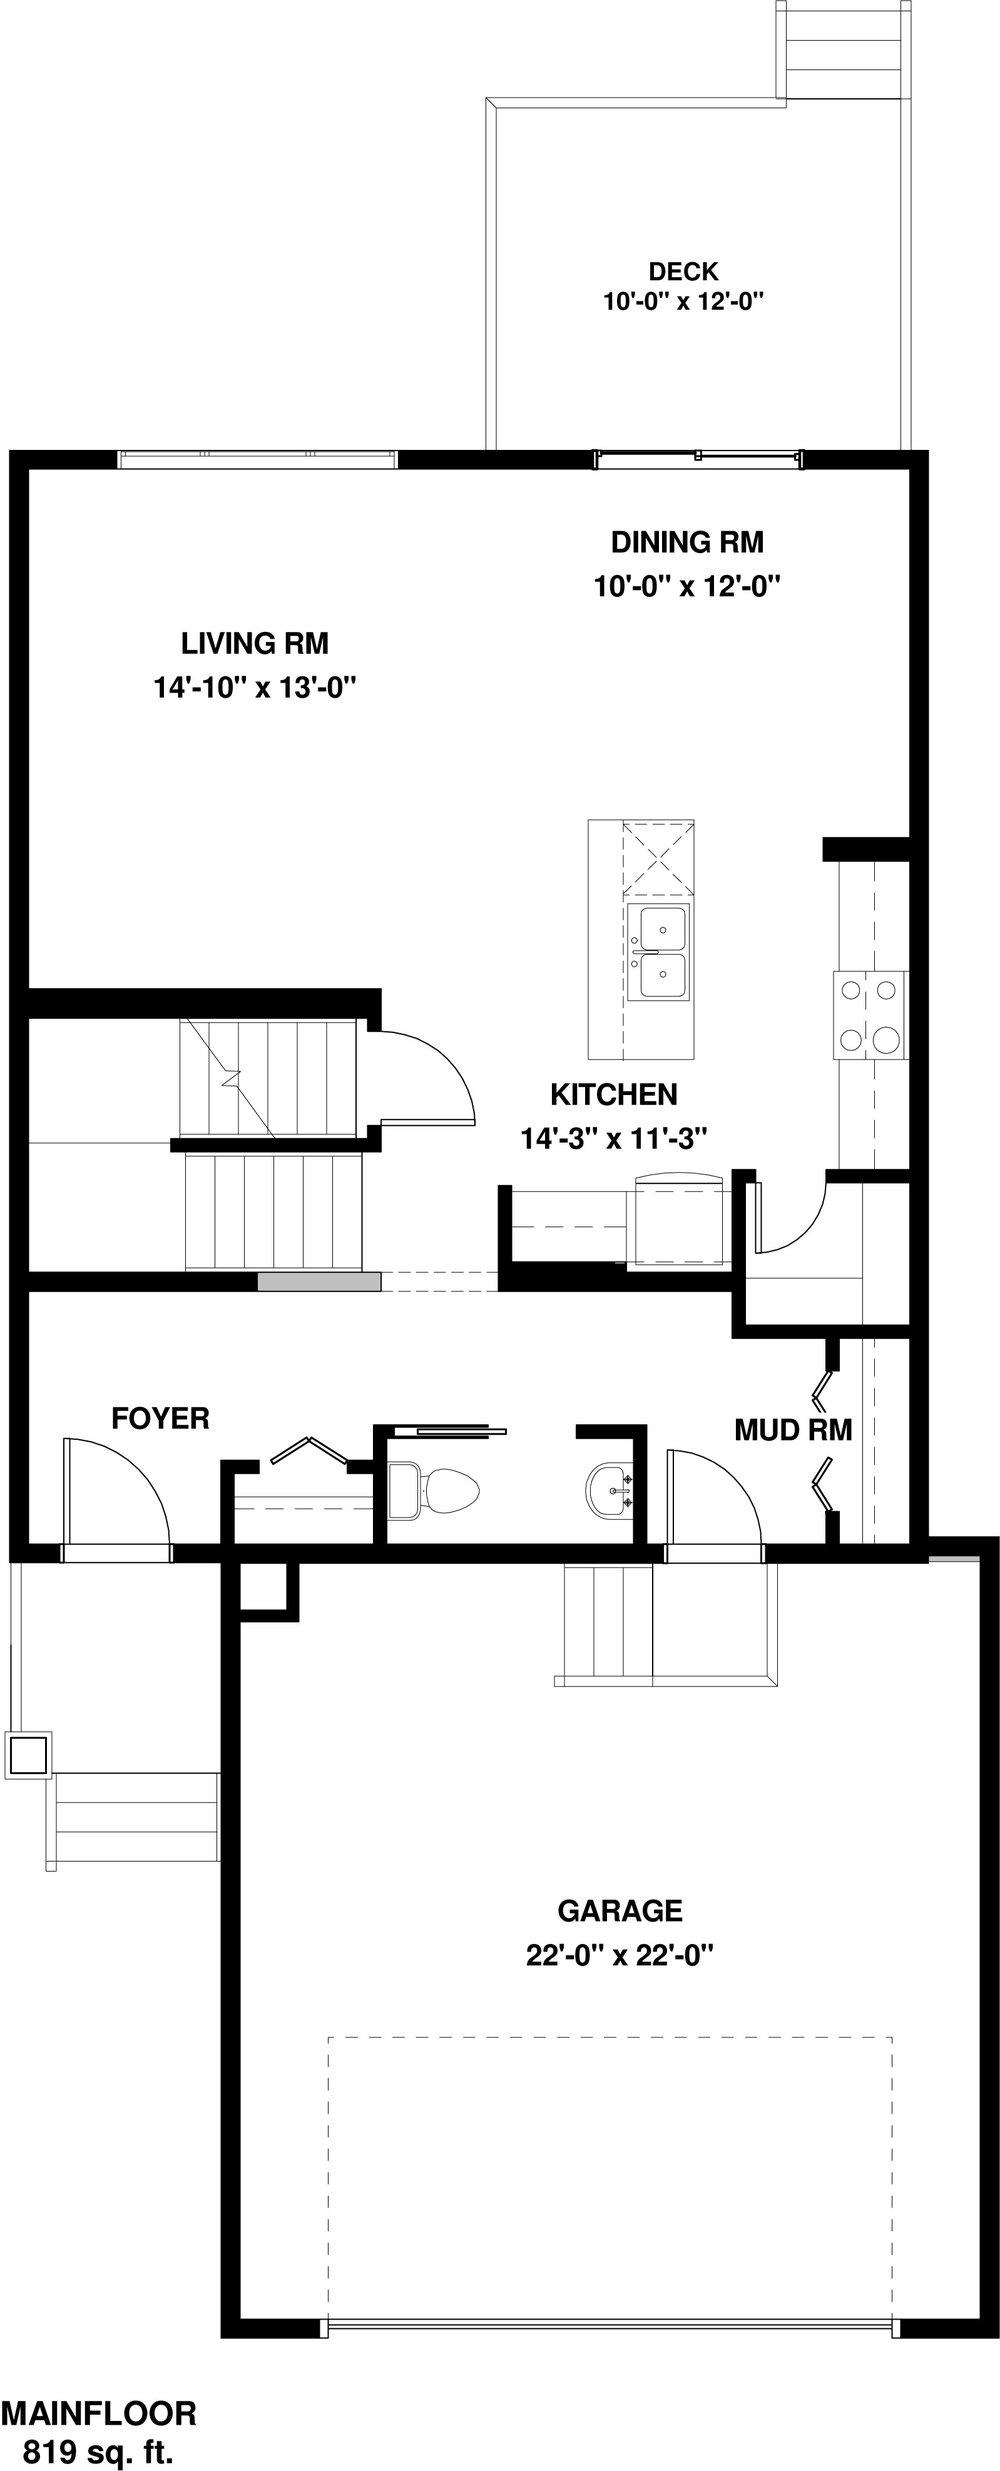 Main Floor 819 sq ft